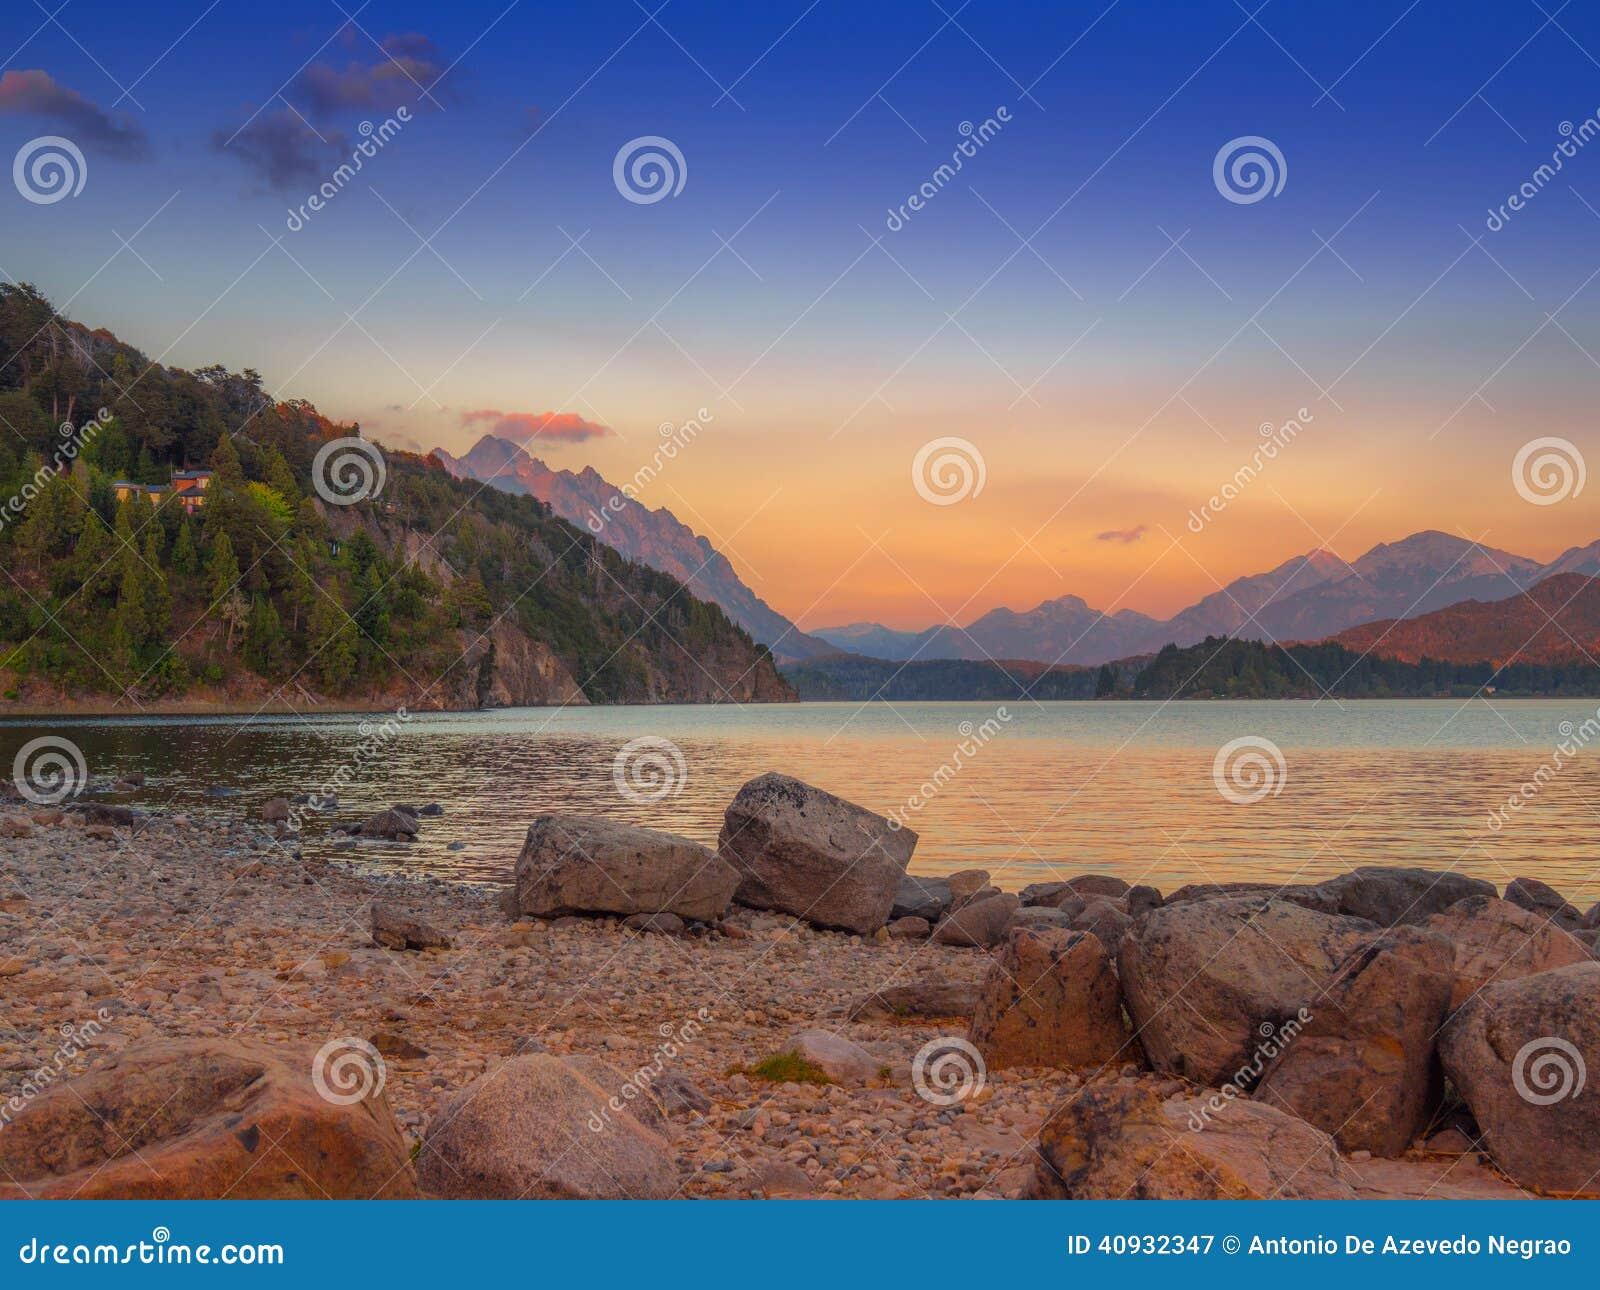 See in Bariloche